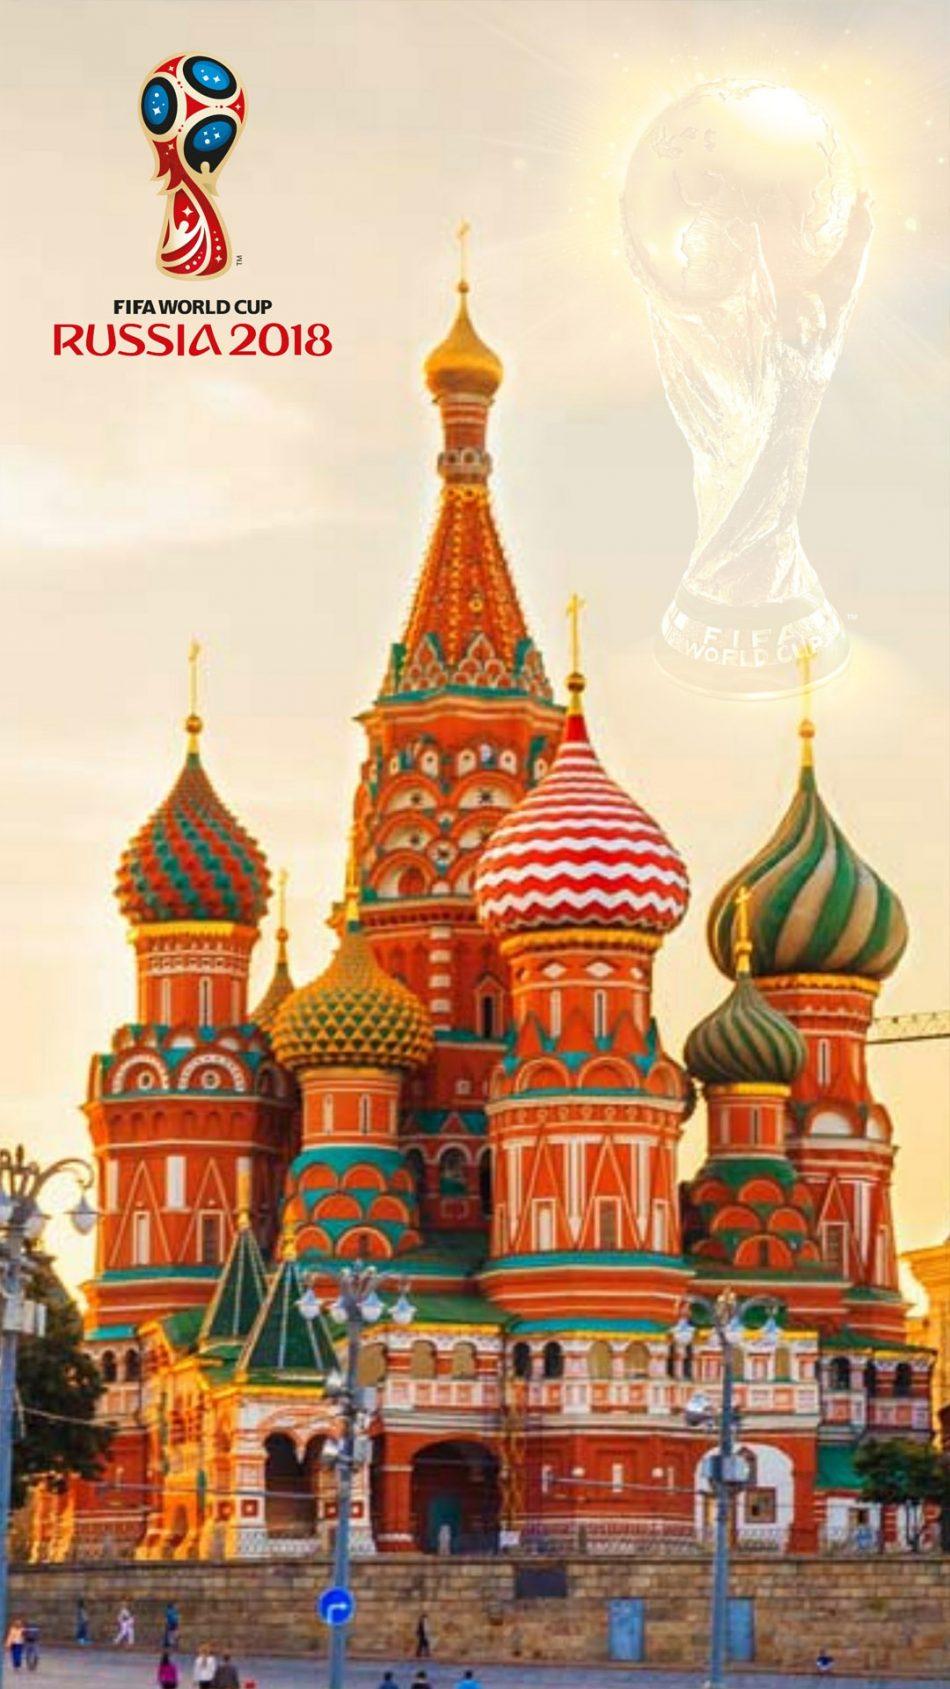 Russia FIFA World Cup 2018 HD Mobile Wallpaper